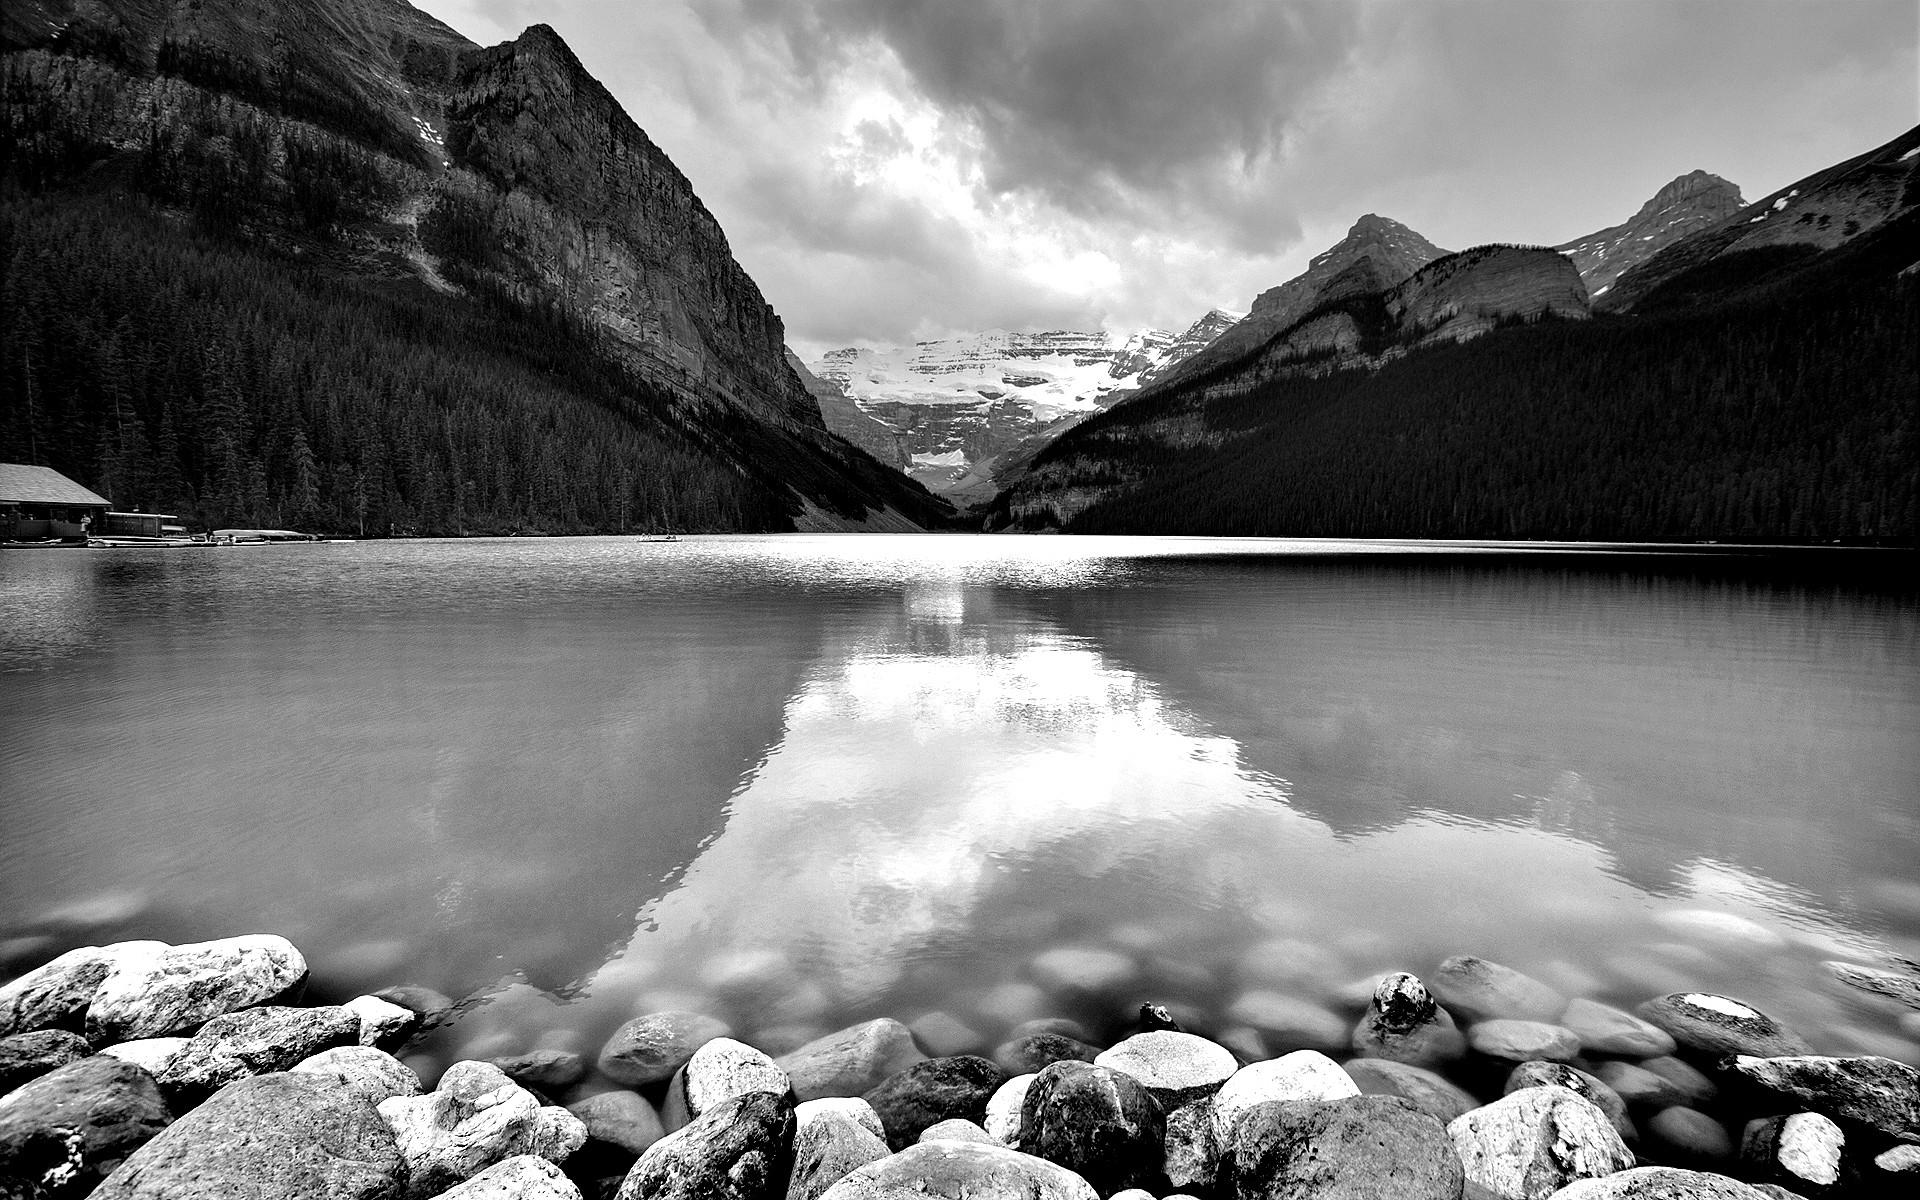 одной красивые черно белые пейзажи картинки втором